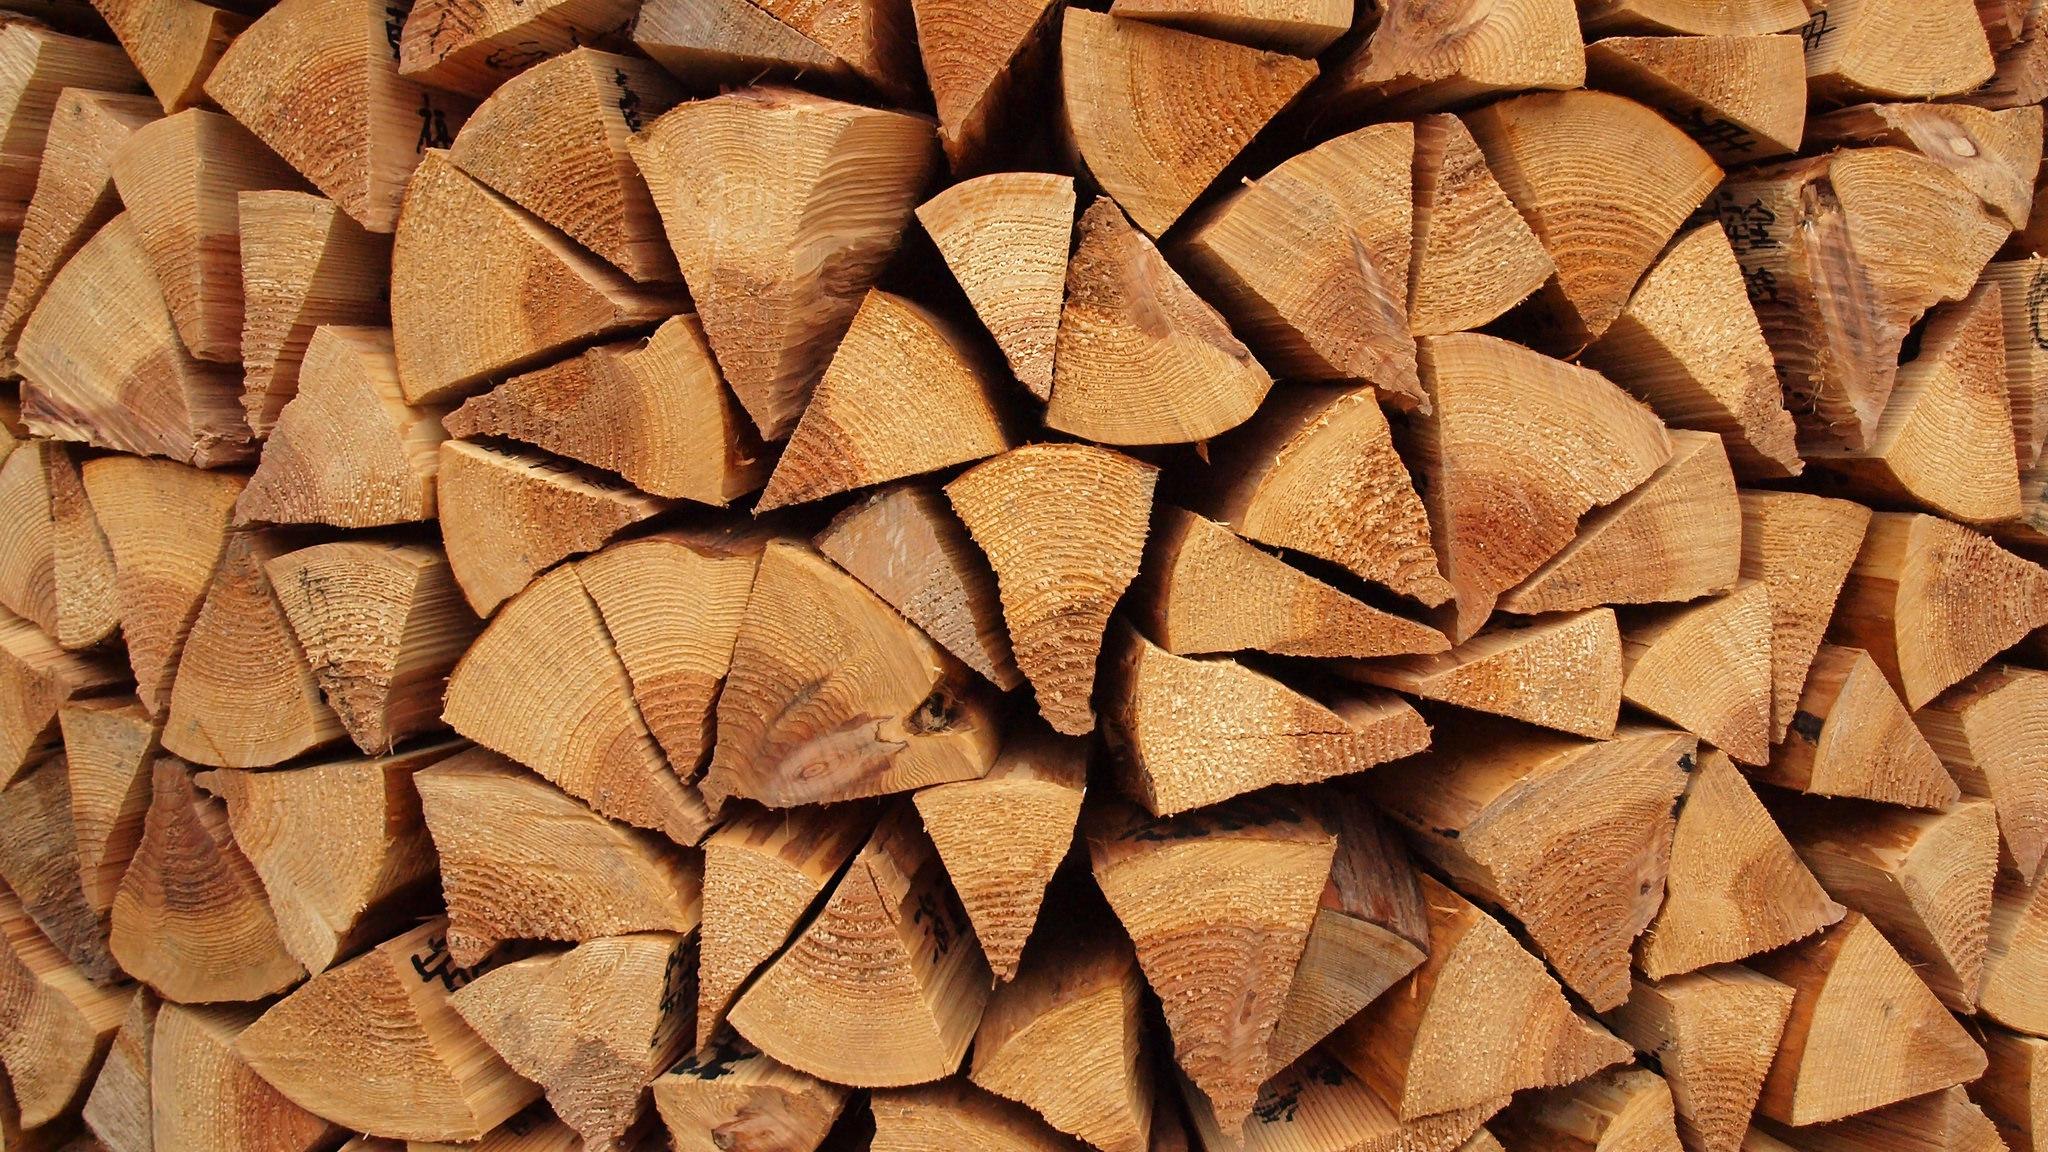 Maak gebruik van het juiste hout